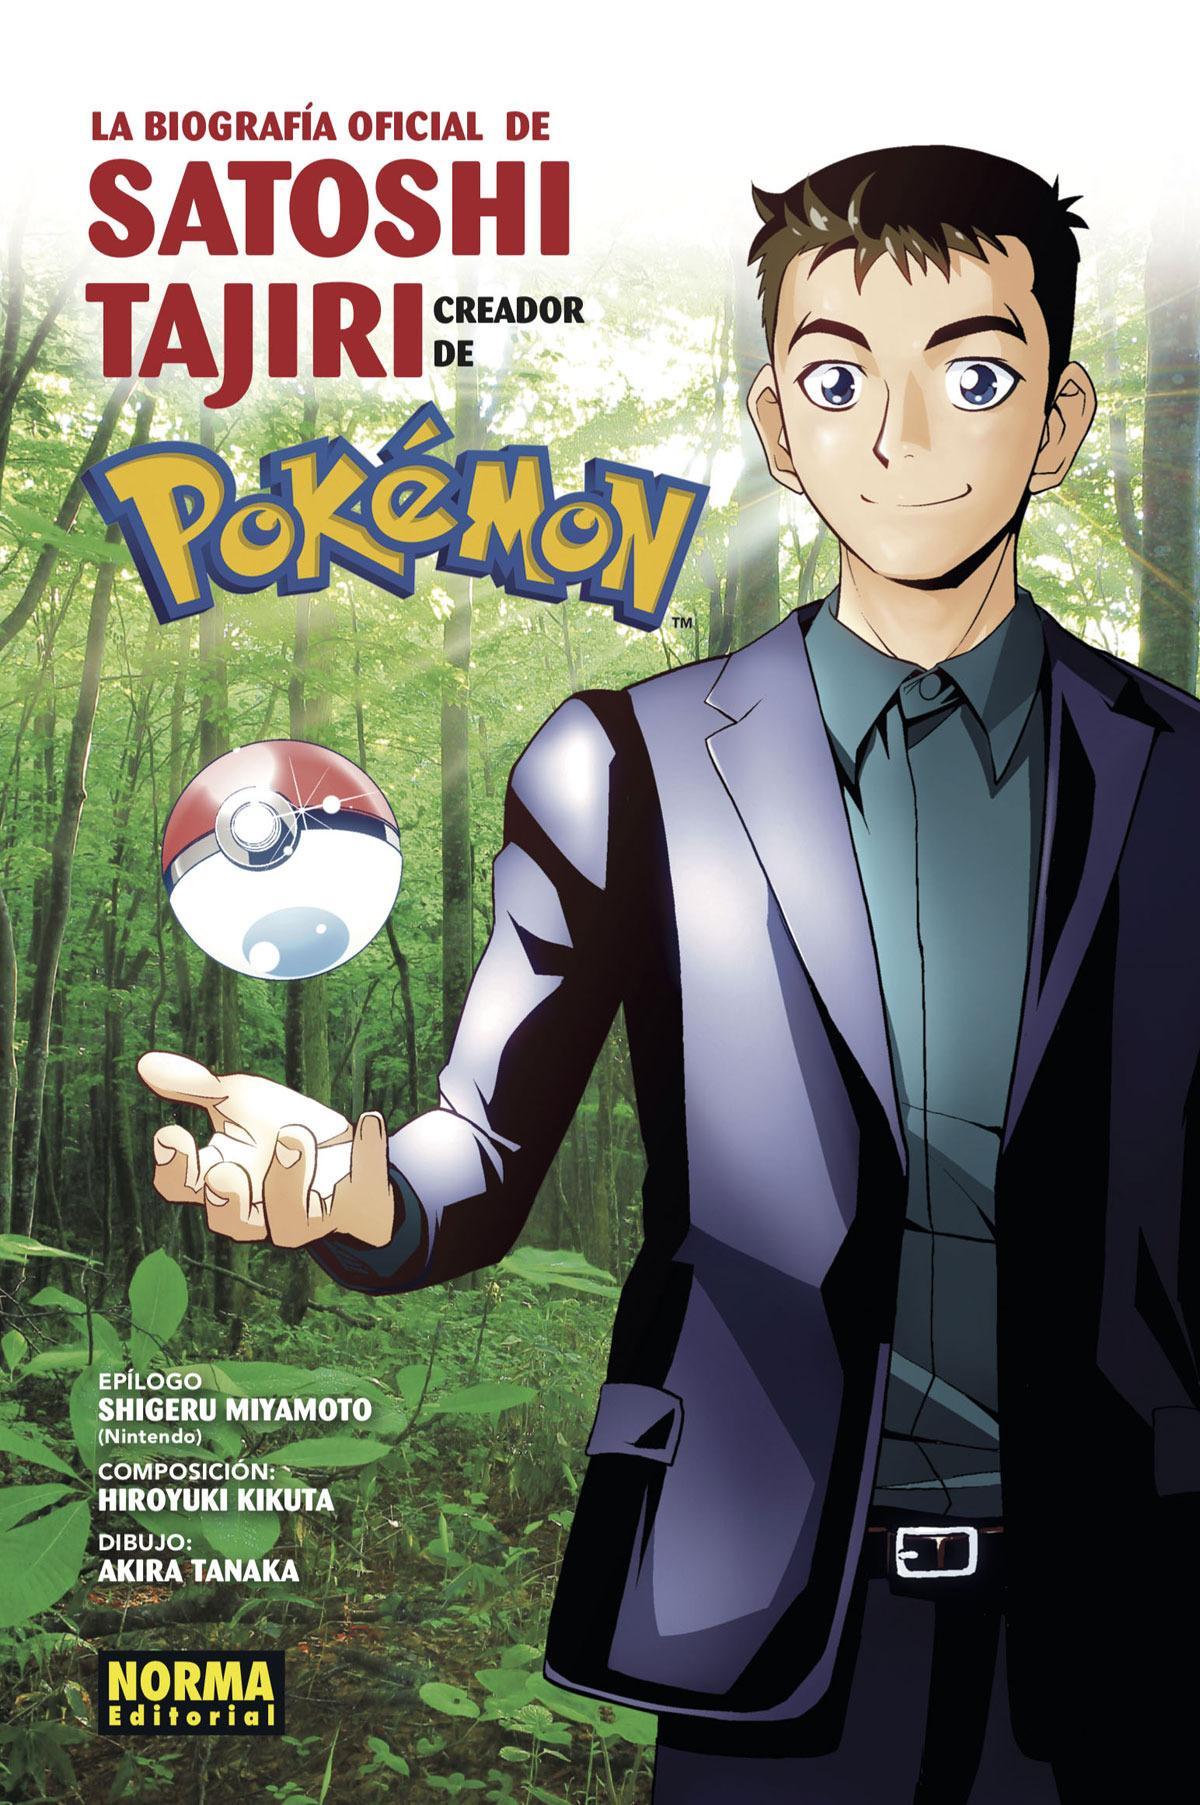 Biografía Oficial de Satoshi Tajiri